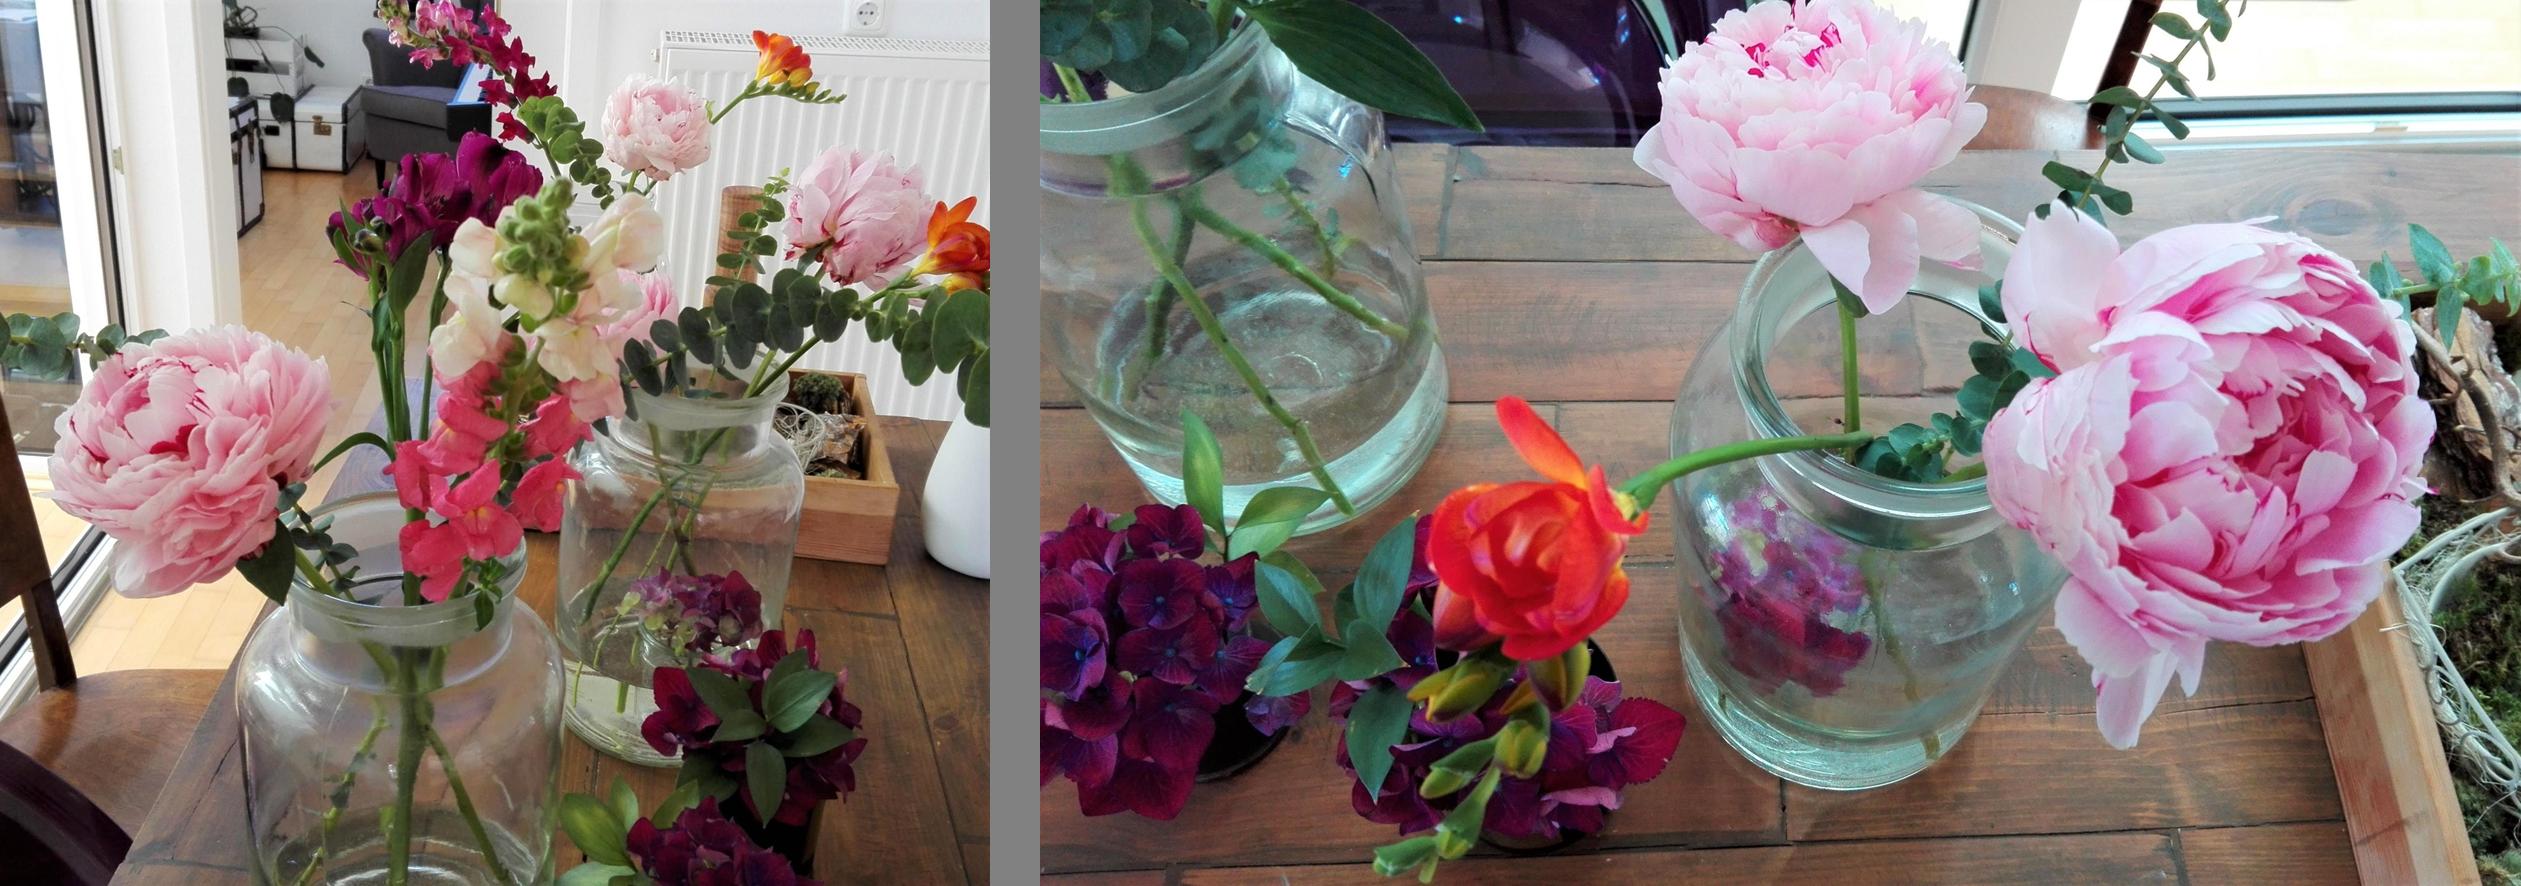 schoene Dinge auf dem Tisch: sommerliche blumen in mehreren vasen